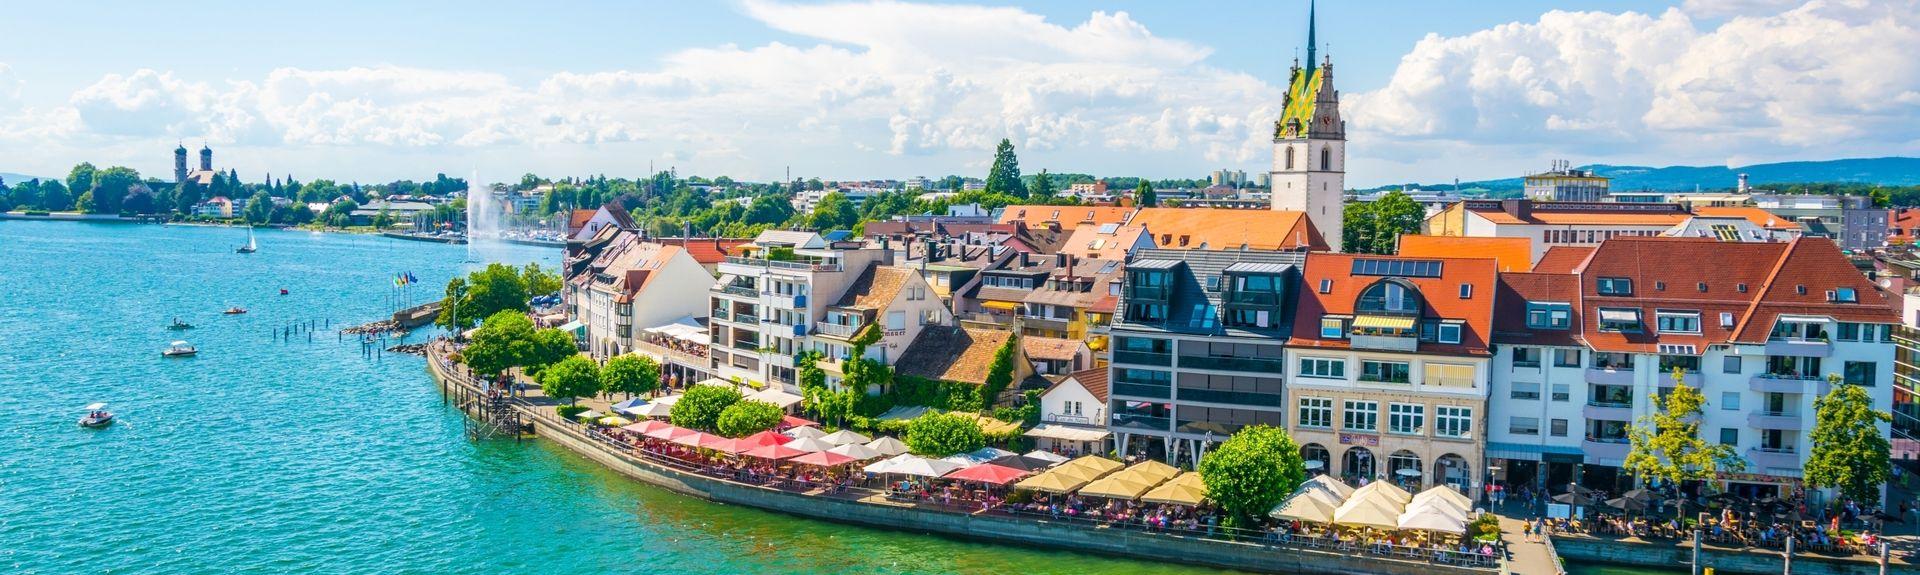 Friedrichshafen, Bade-Wurtemberg, Allemagne